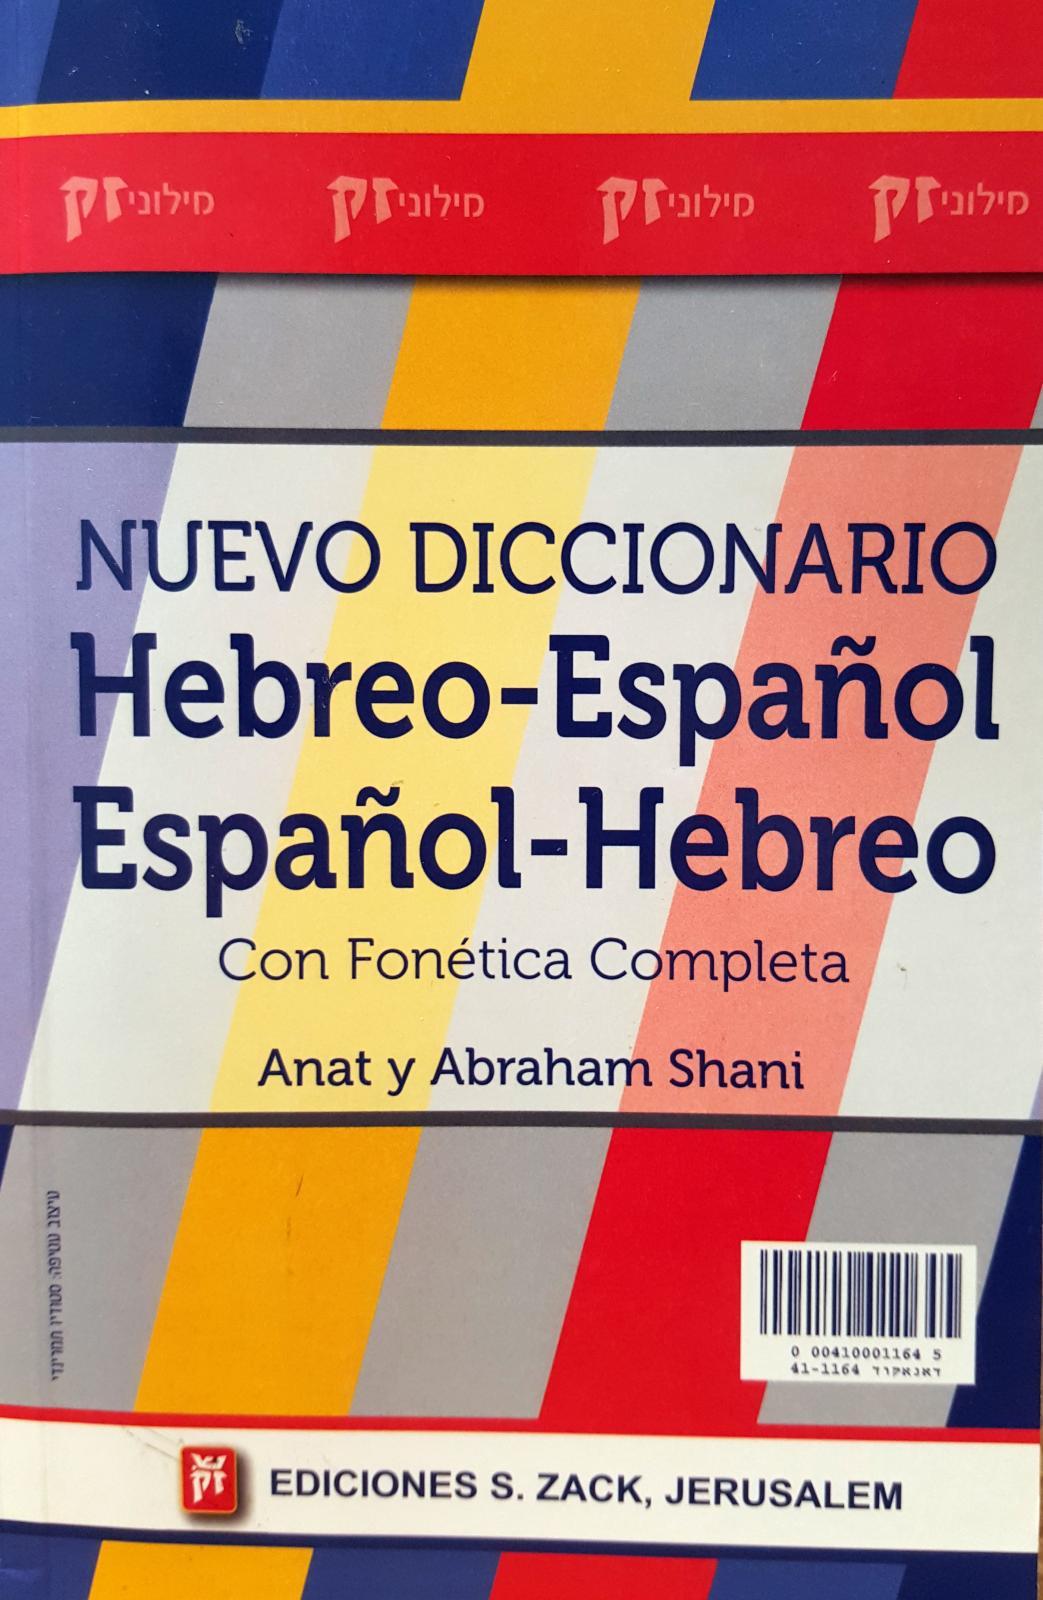 Nuevo Diccionario Hebreo - Español / Español - Hebreo 50.000 términos